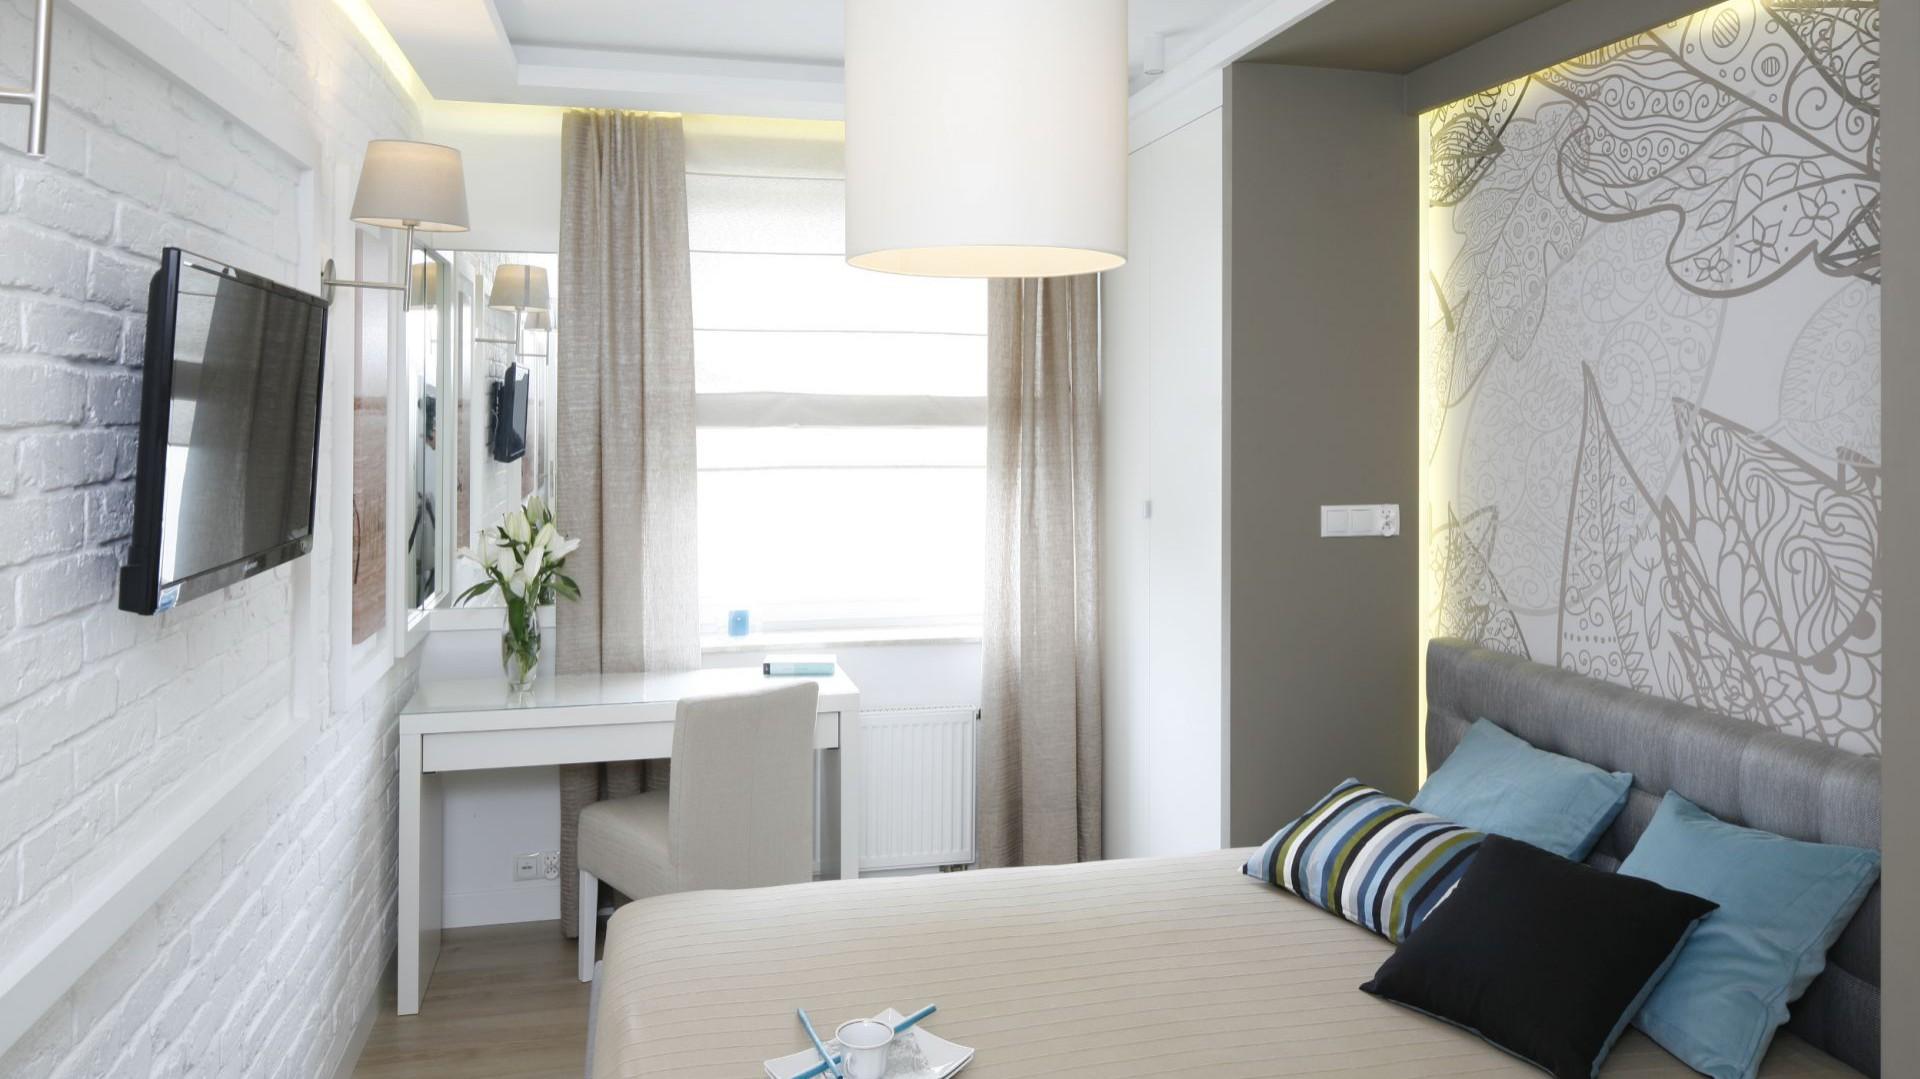 12 pomysłów na funkcjonalne umeblowanie małej sypialni